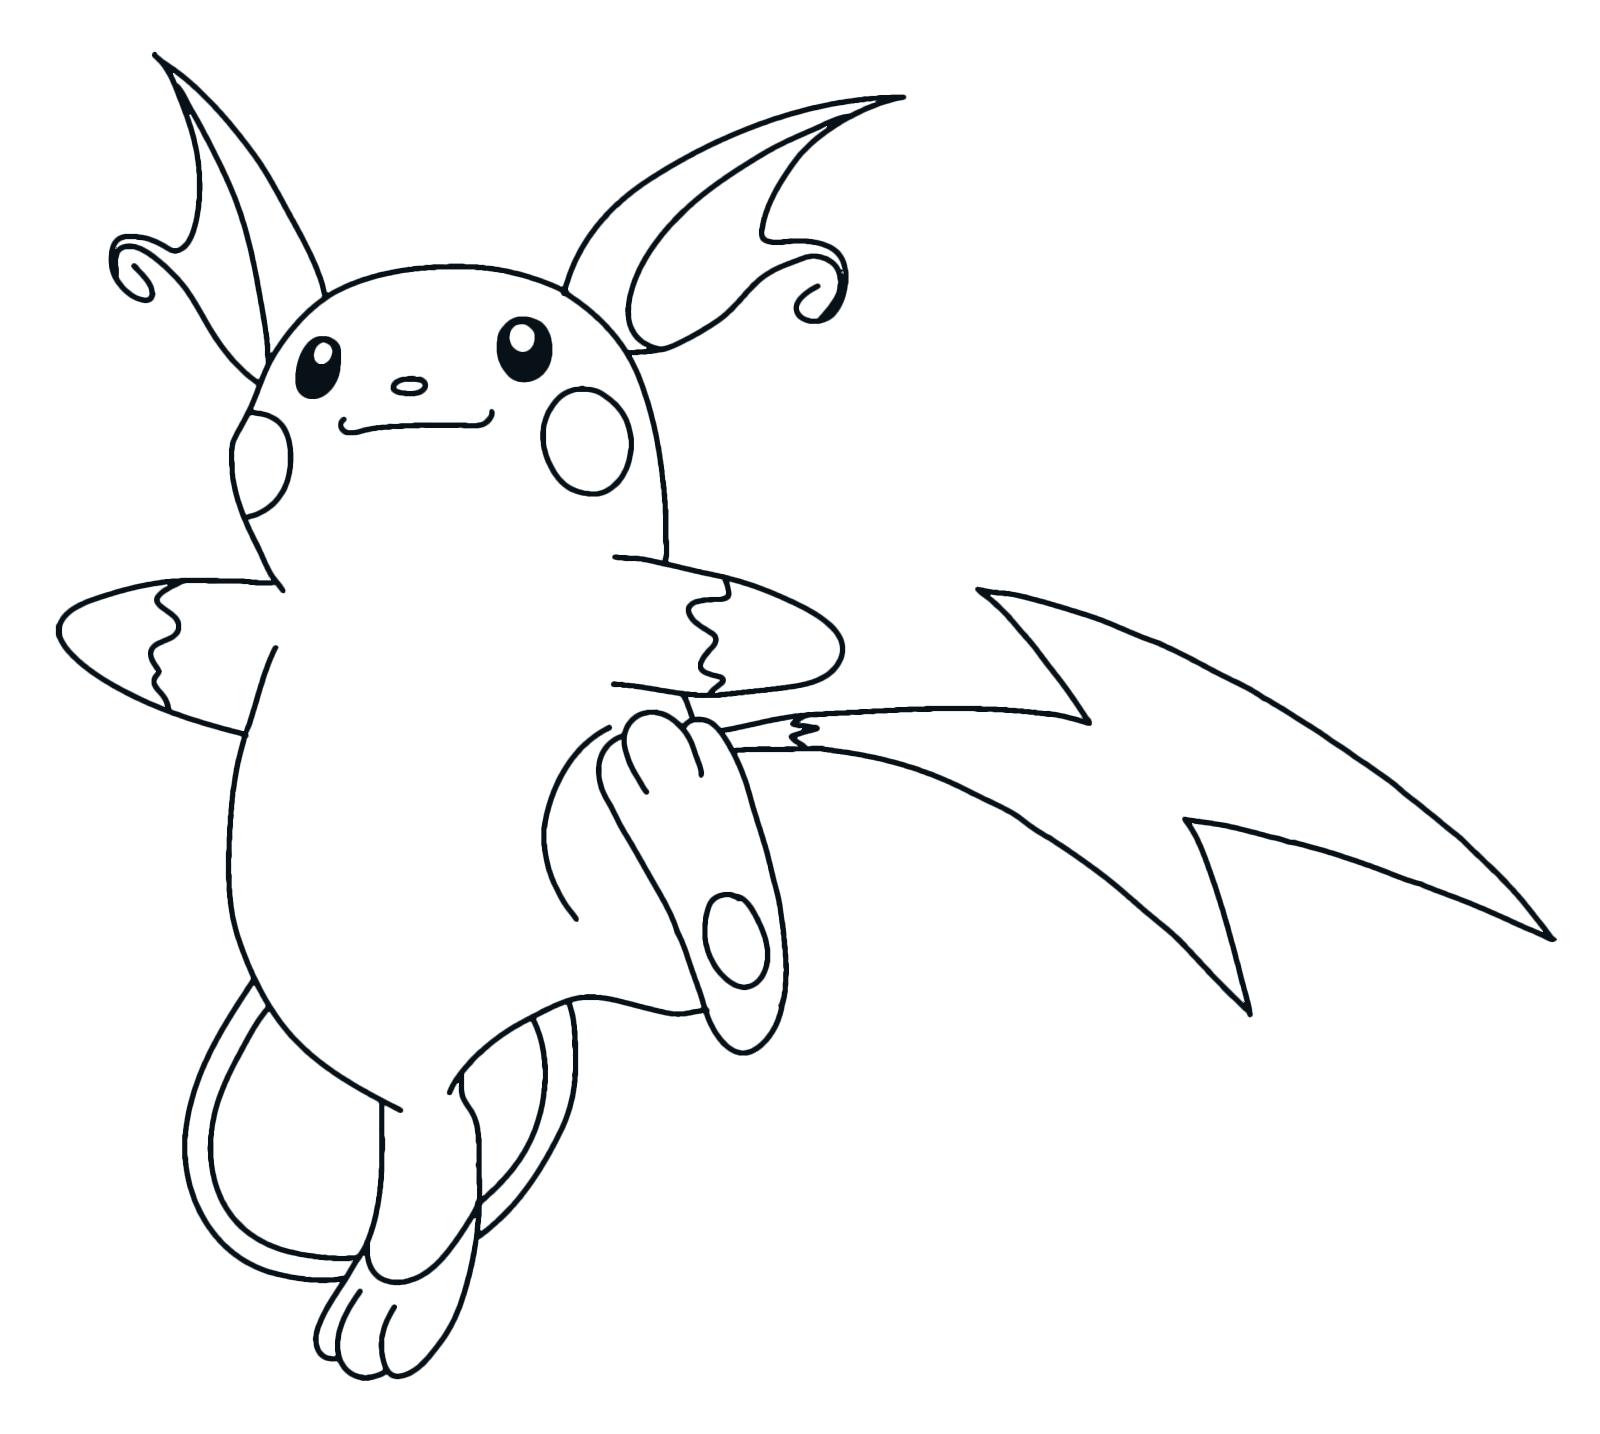 Pok mon gen 1 l 39 elettrico raichu 26 elettro for Pokemon da colorare e stampare